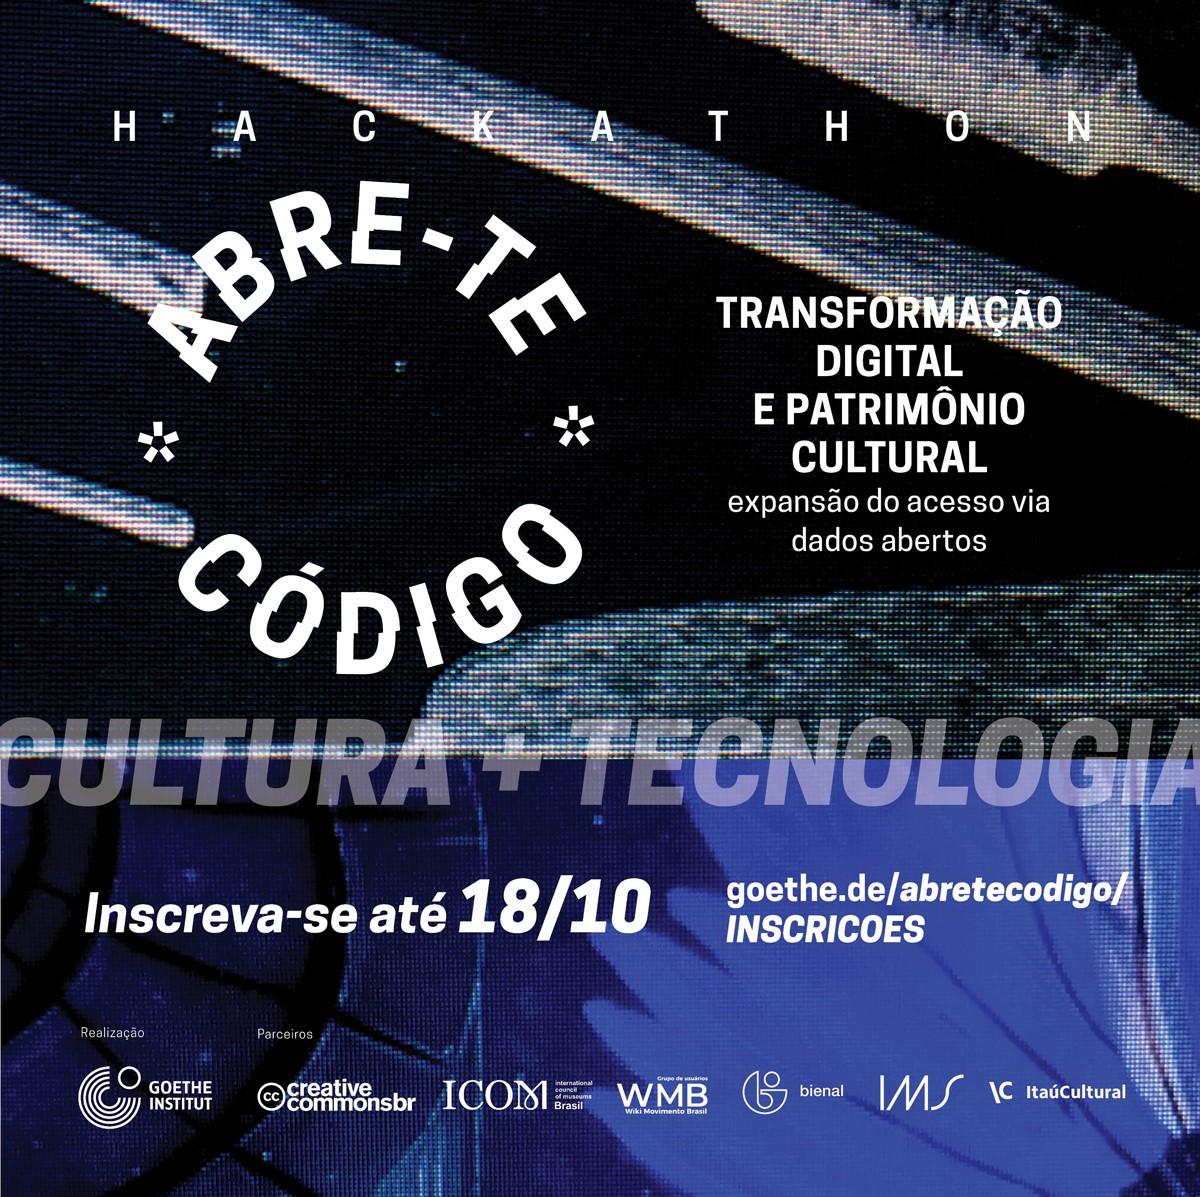 Inscreva-se para o Hackathon Abre-te Código, iniciativa do Goethe-Institut com apoio da Fundação Bienal